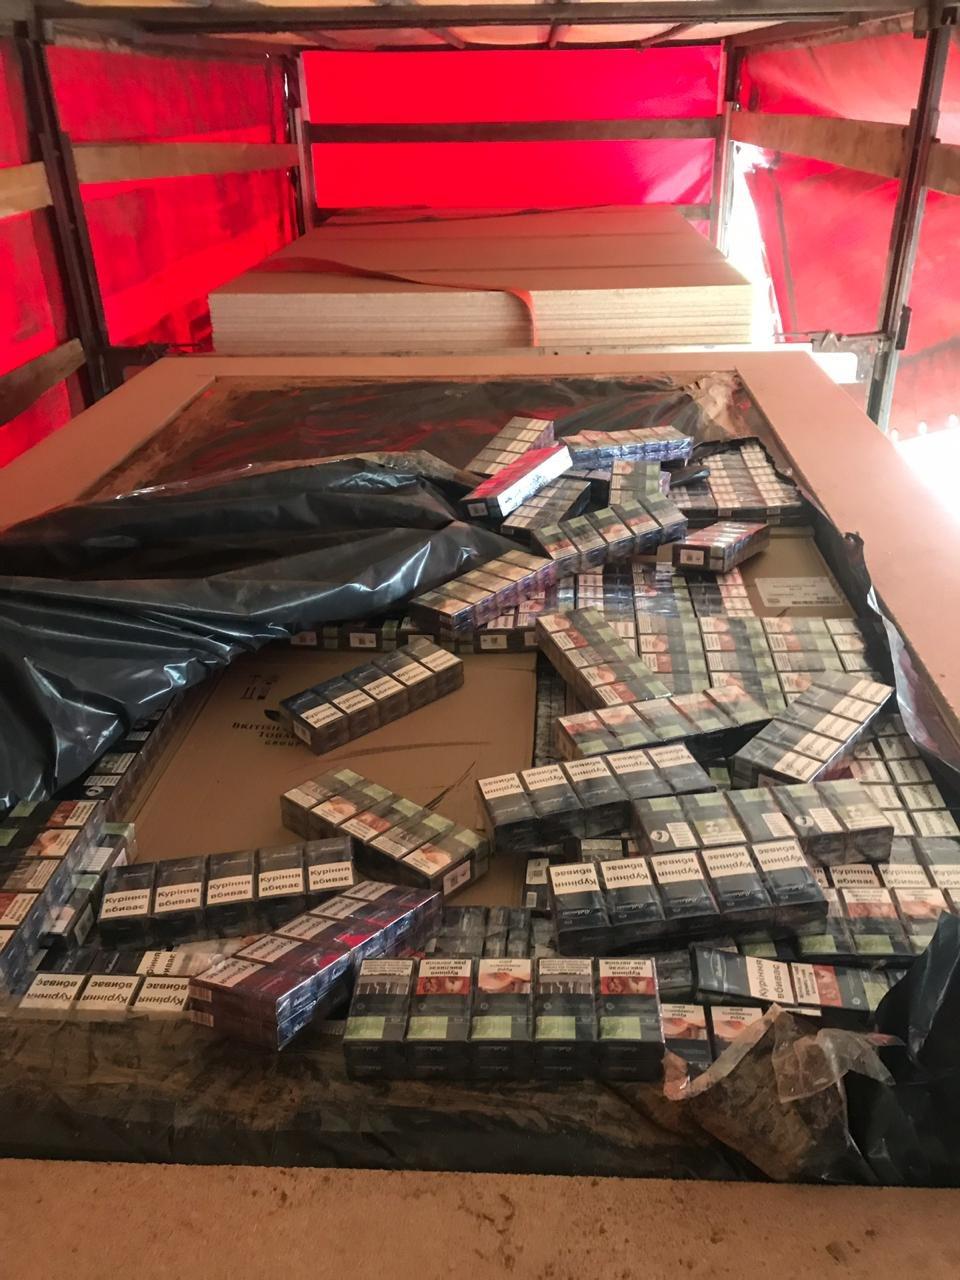 Російська контрабанда: на кордоні Закарпаття у плитах ДСП знайшли цигарки на майже 6 млн гривень (ФОТО, ВІДЕО), фото-6